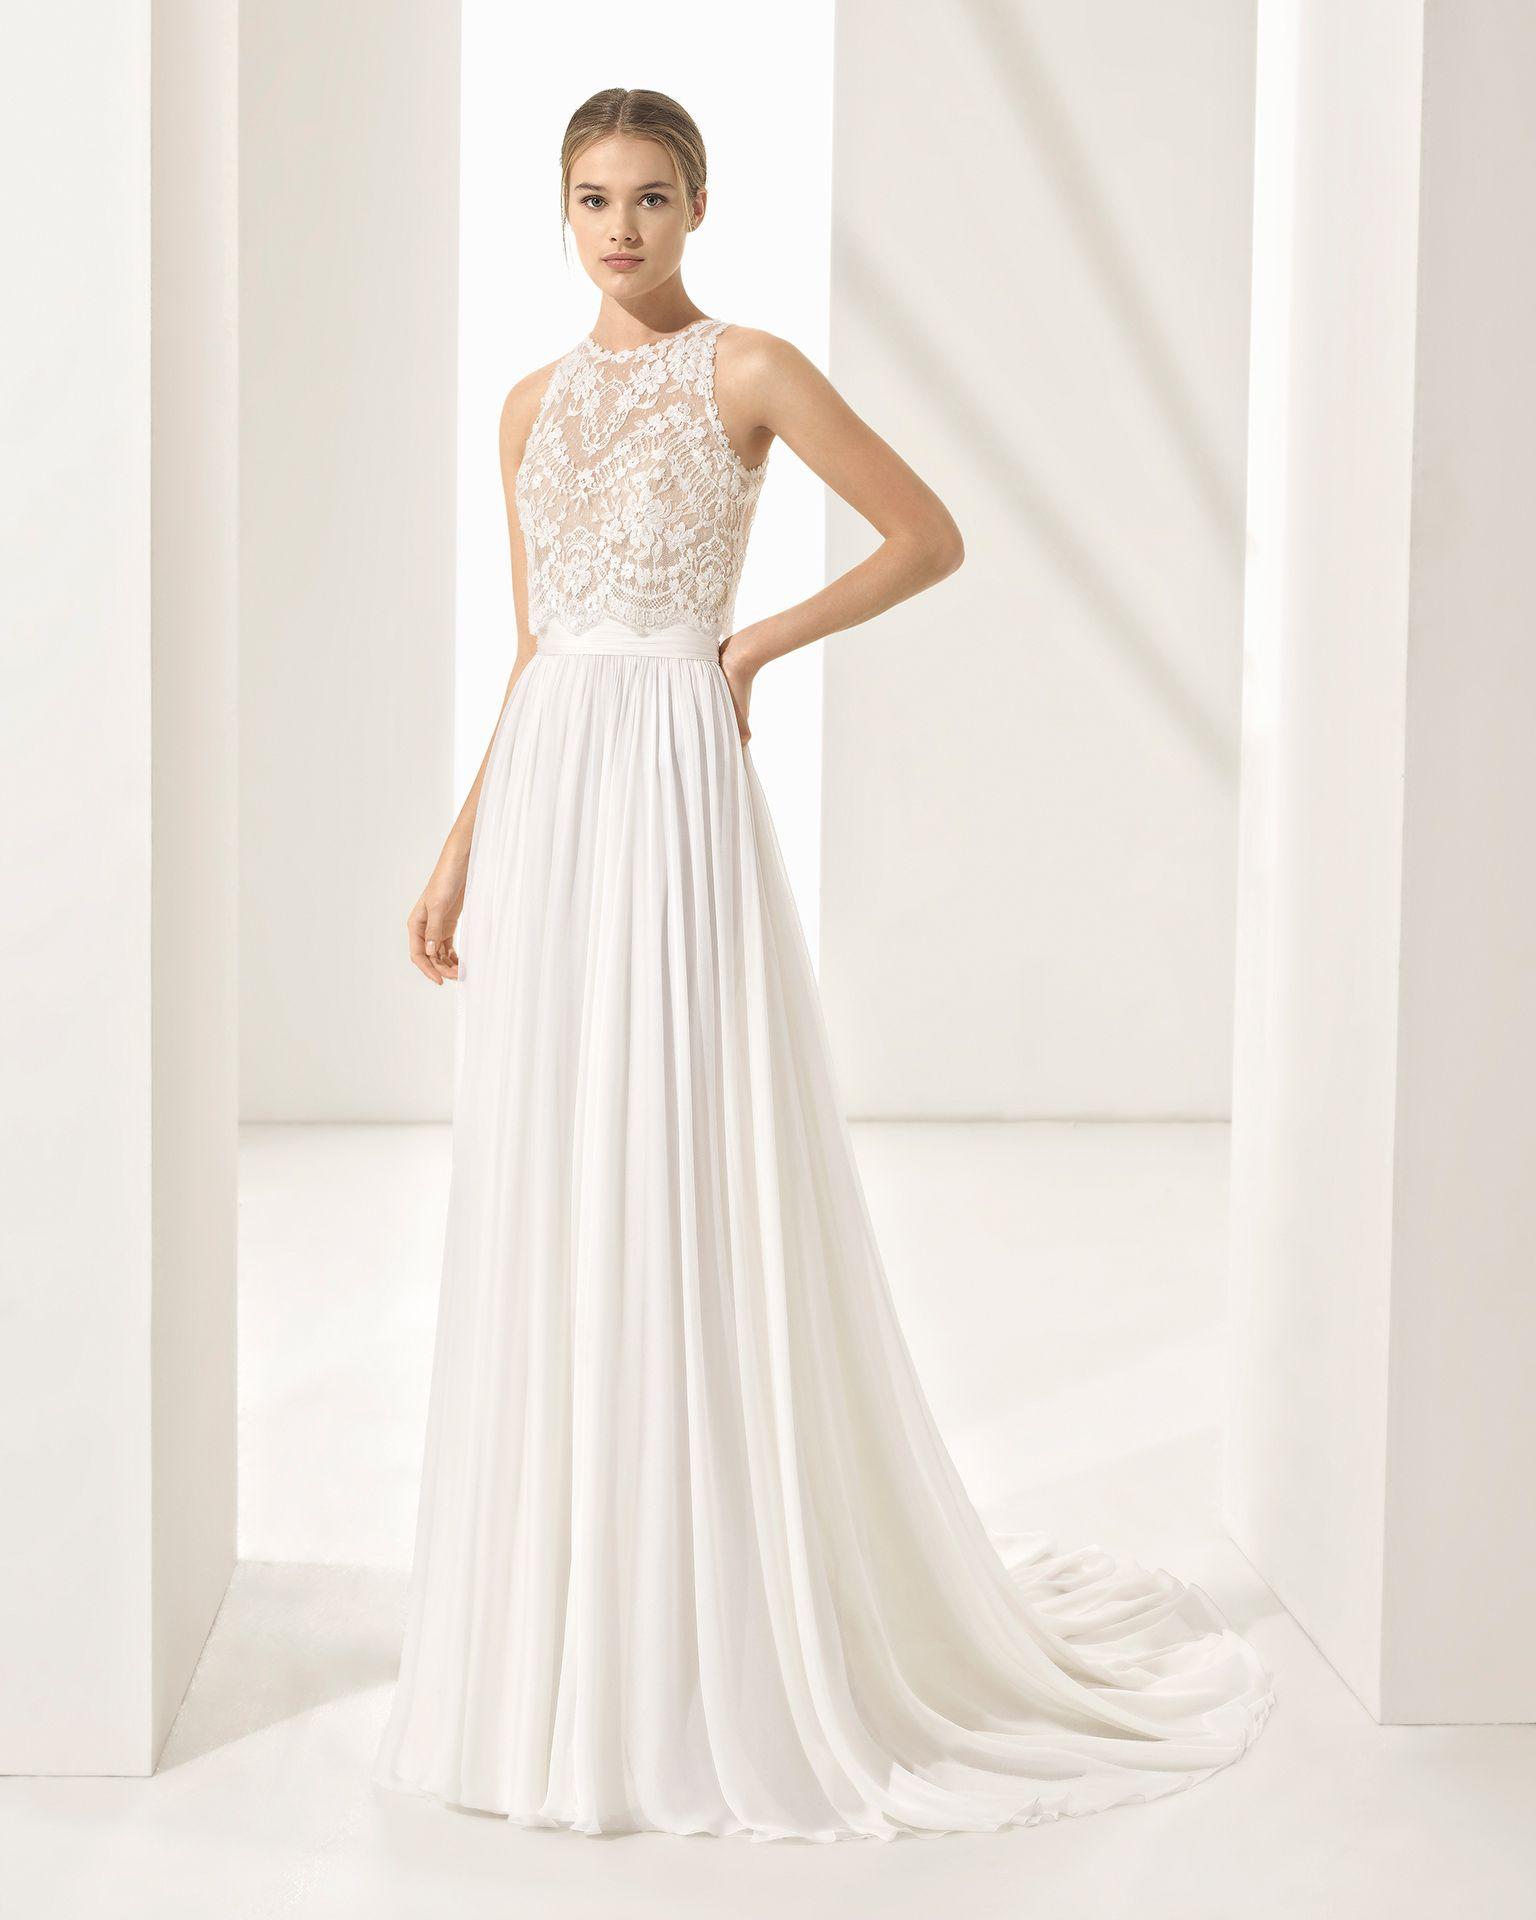 PANDORA - 2018 Bridal Collection. Rosa Clará Couture Collection ...